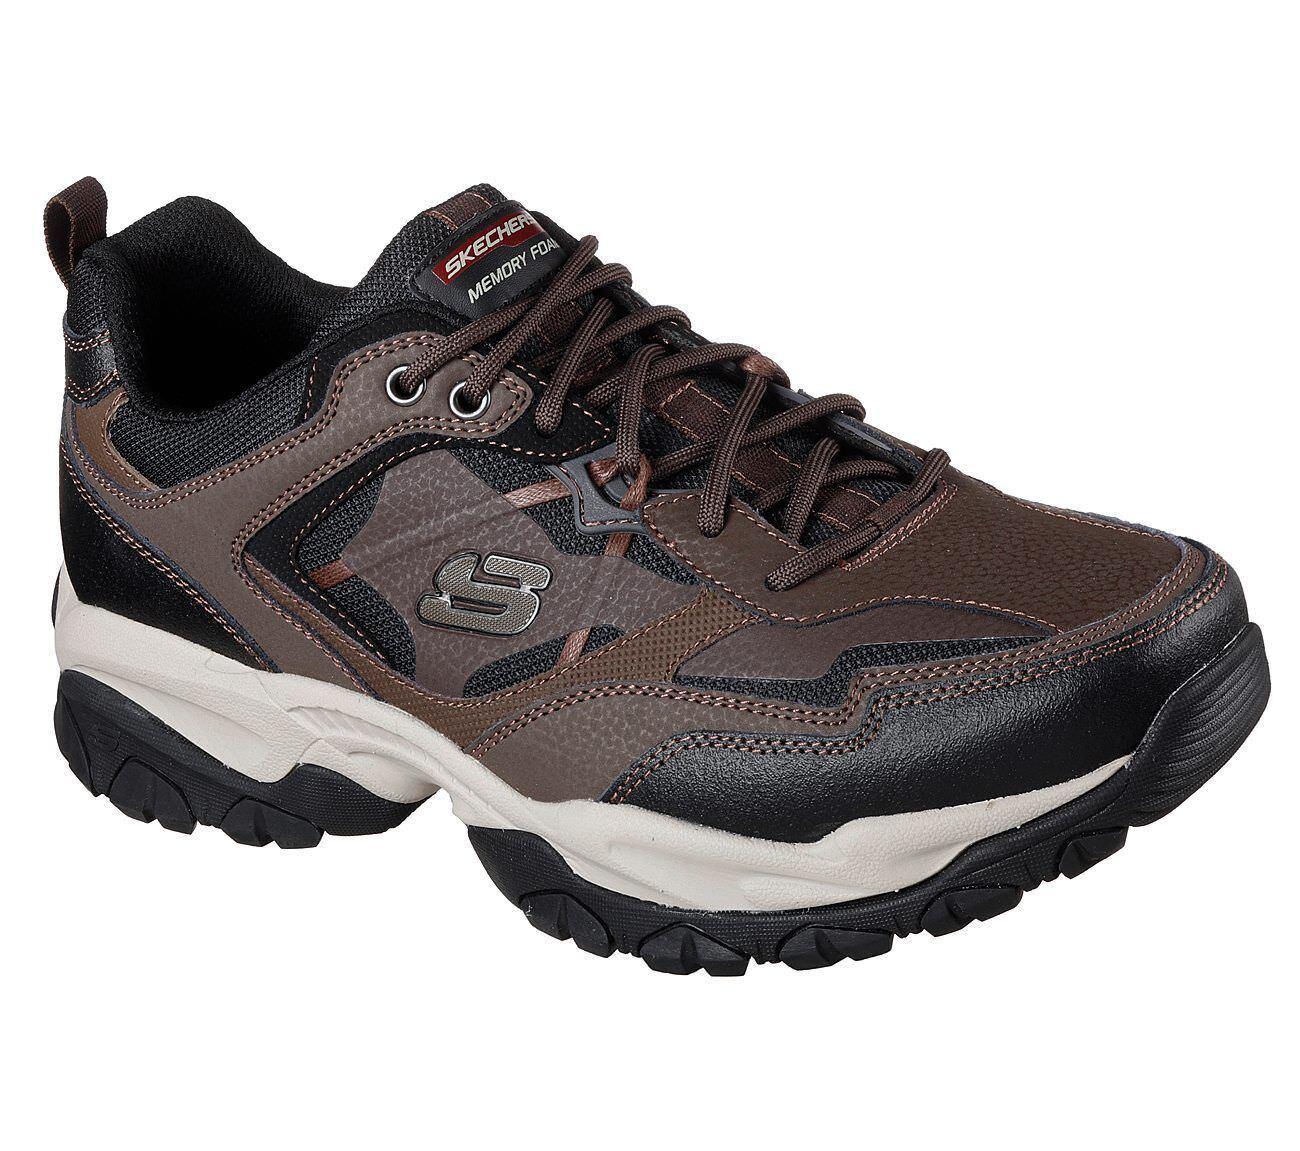 marron SKECHERS Chaussures homme Memory Foam 52700 BRBK sportif de la formation Comfort paniers